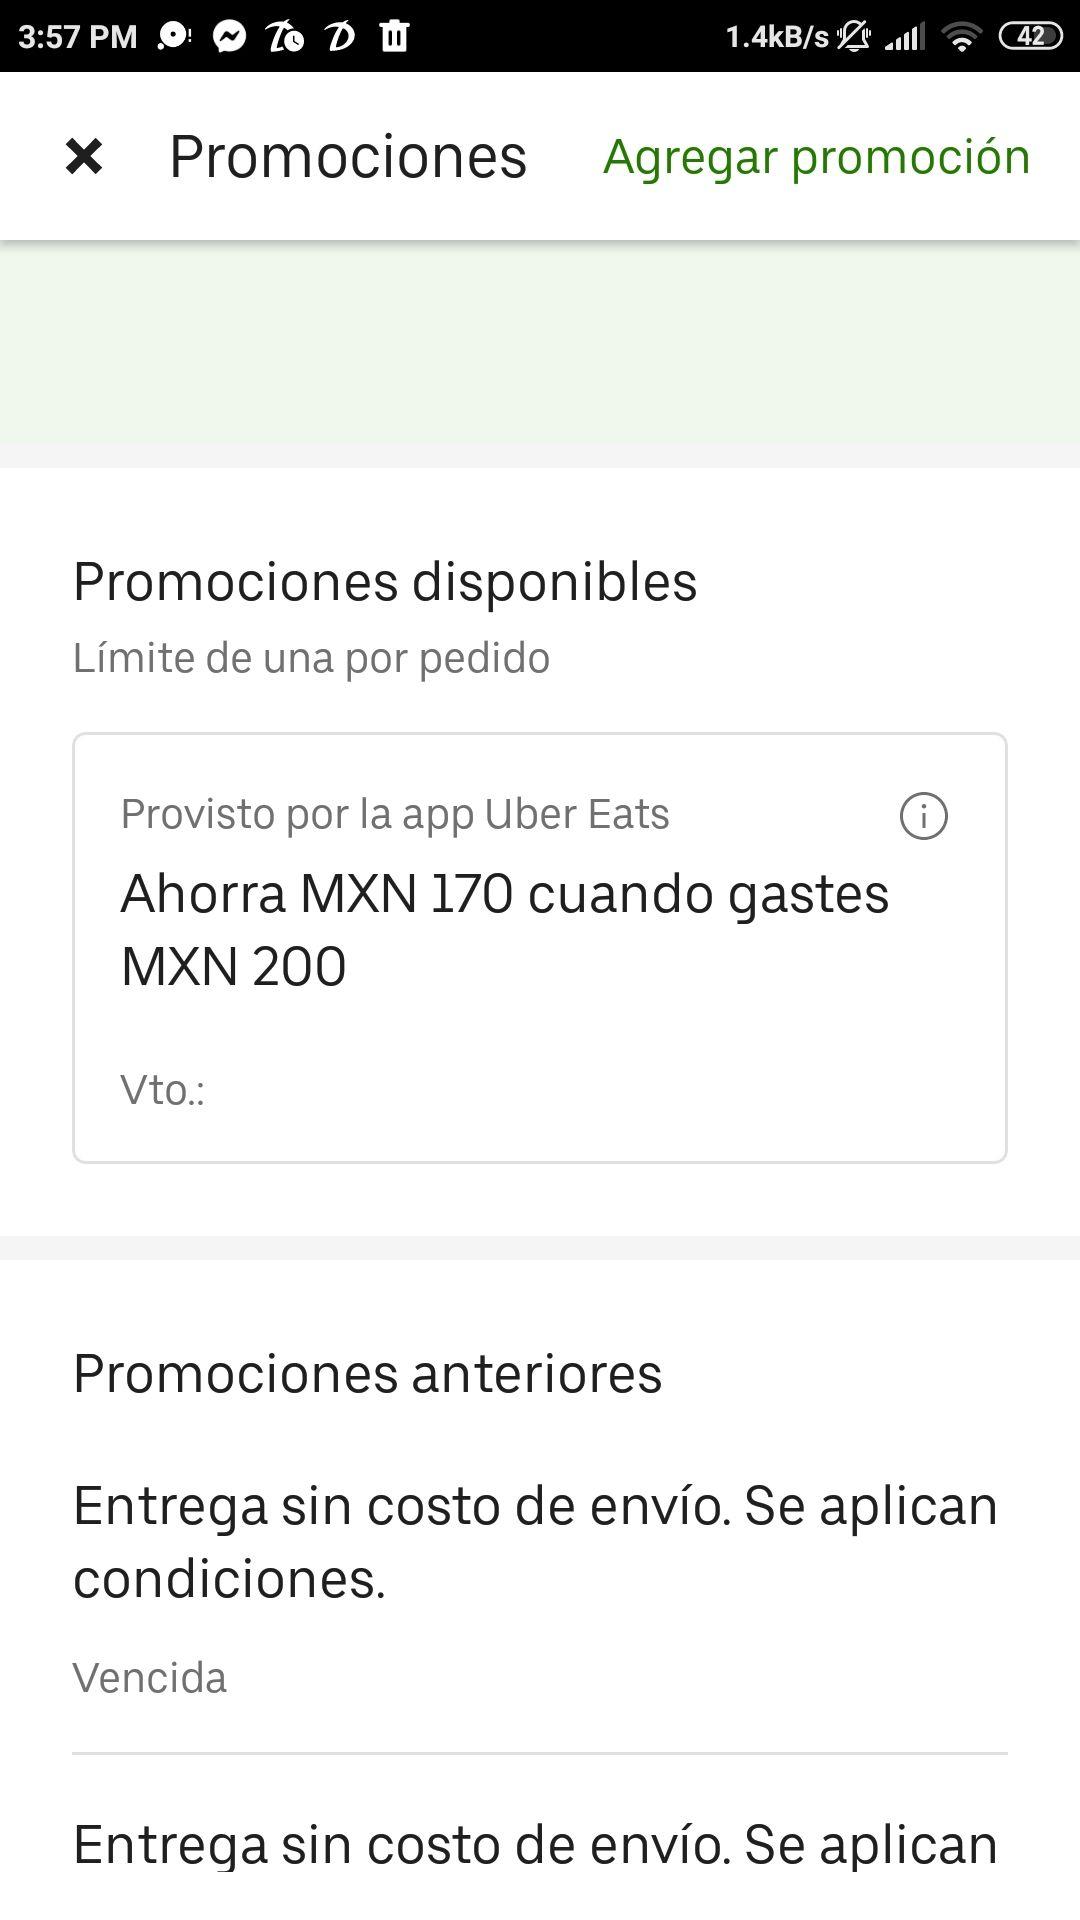 Uber Eats: Descuento de $170 en compra mínima de $200 (cuentas nuevas)